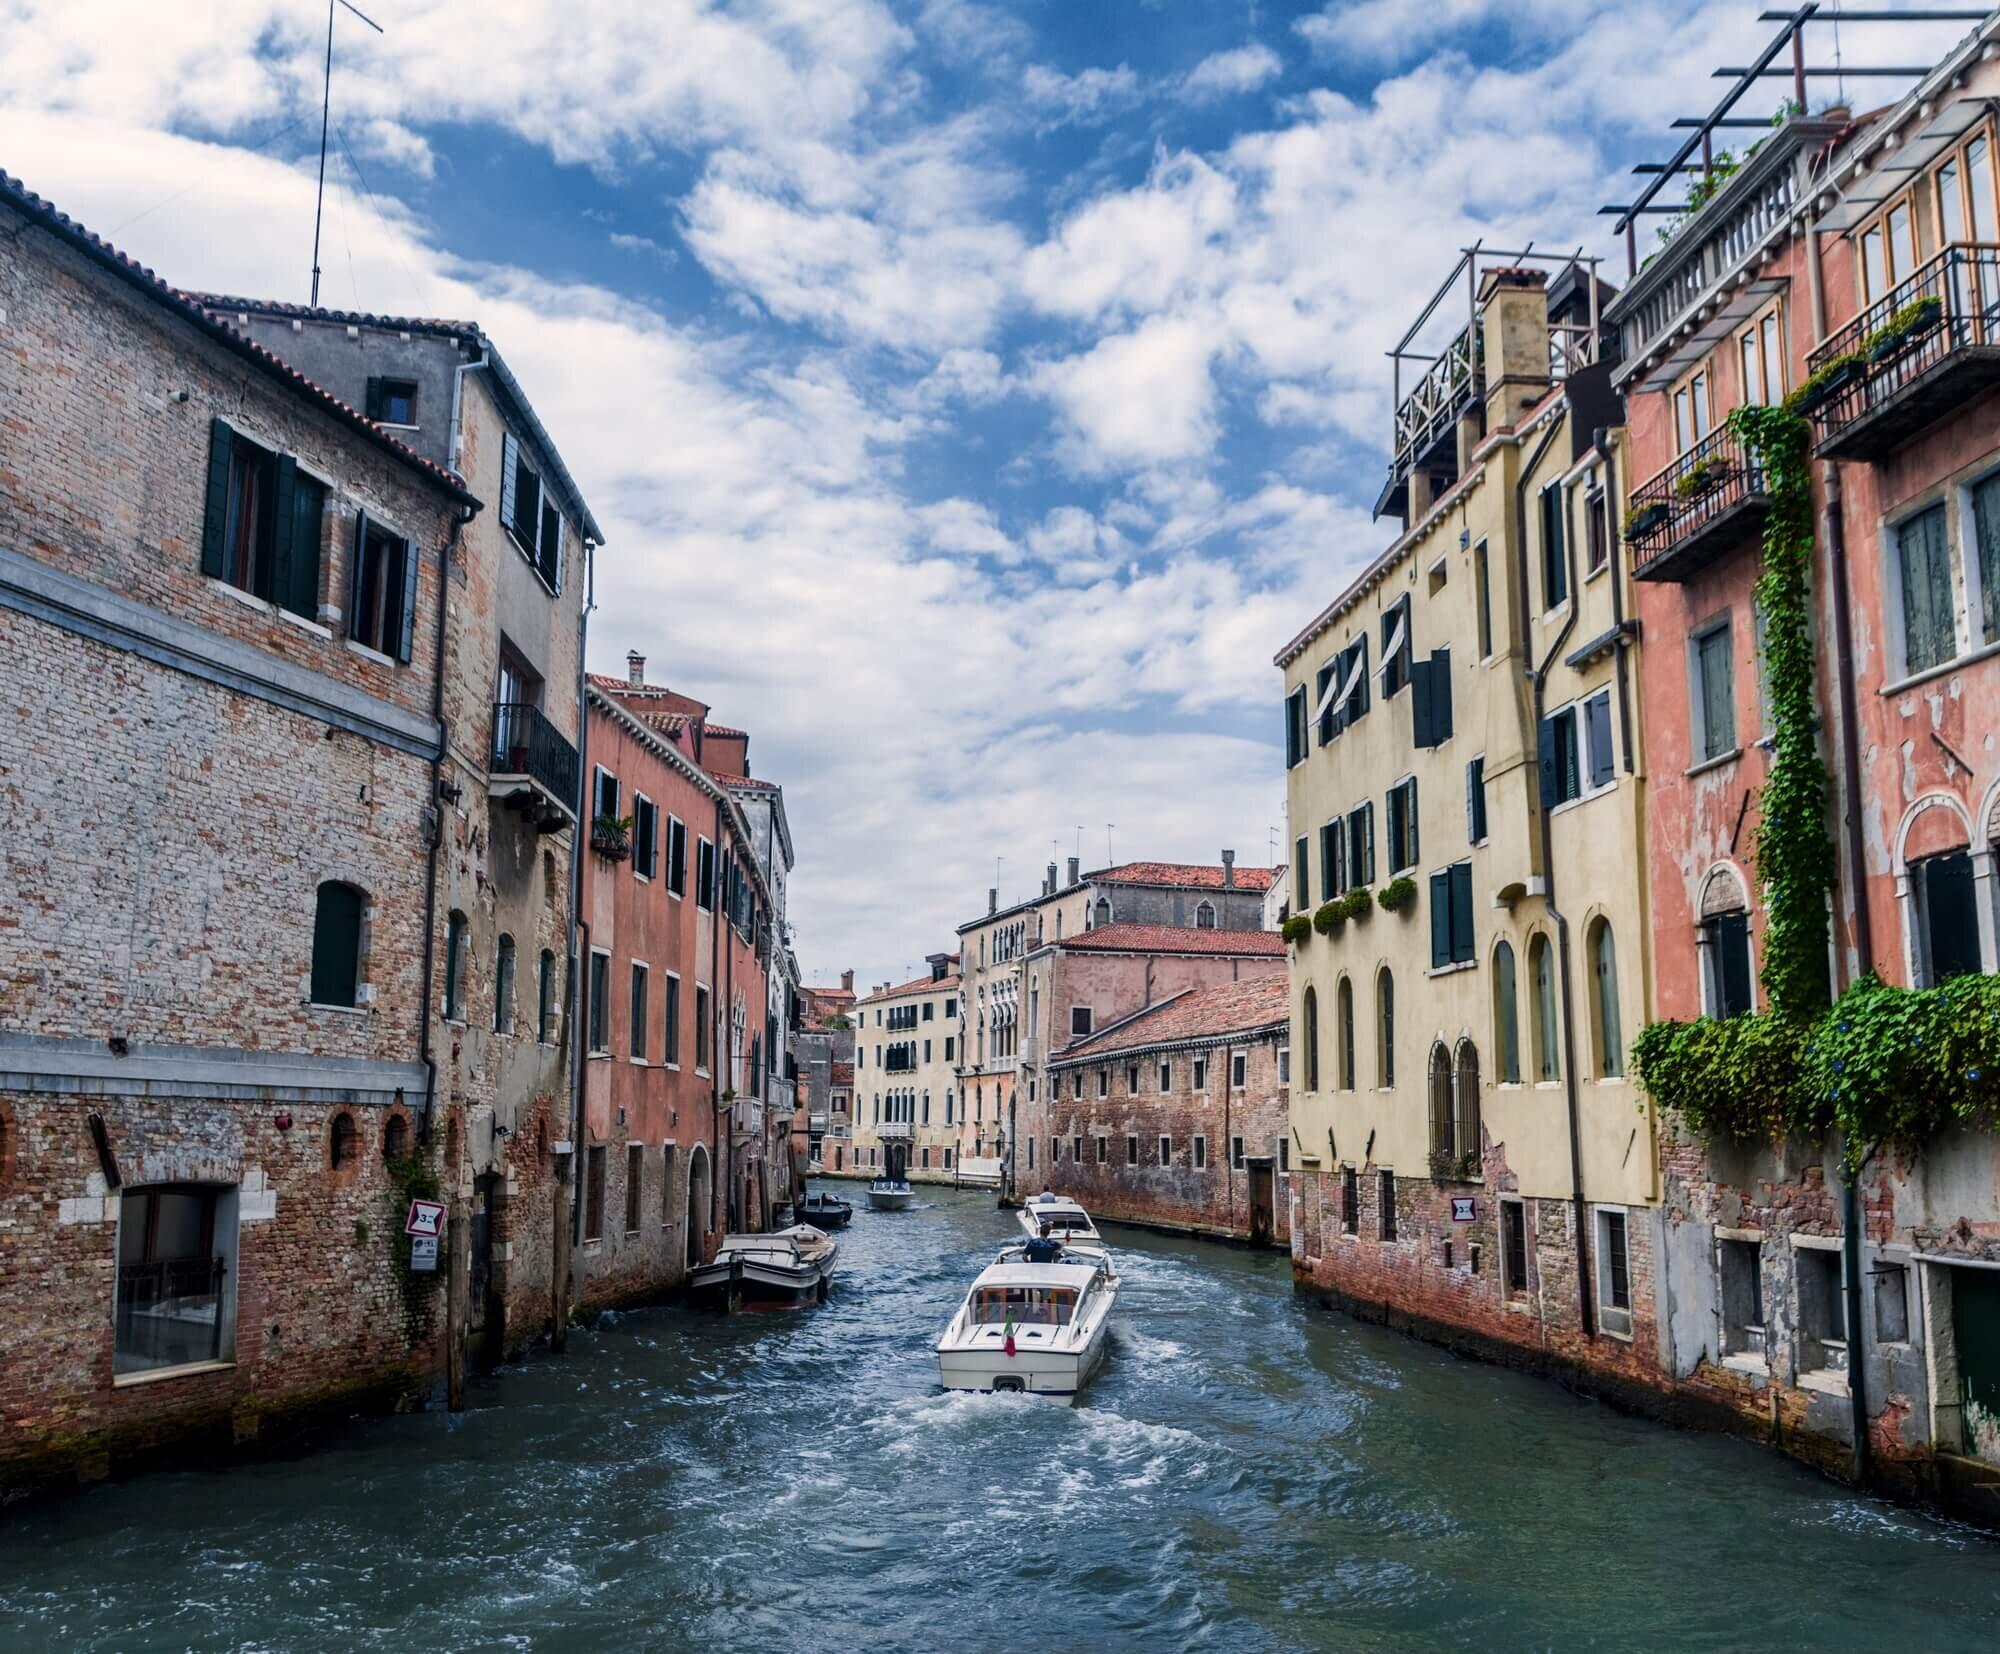 ונציה, איטליה - Venice, Italy